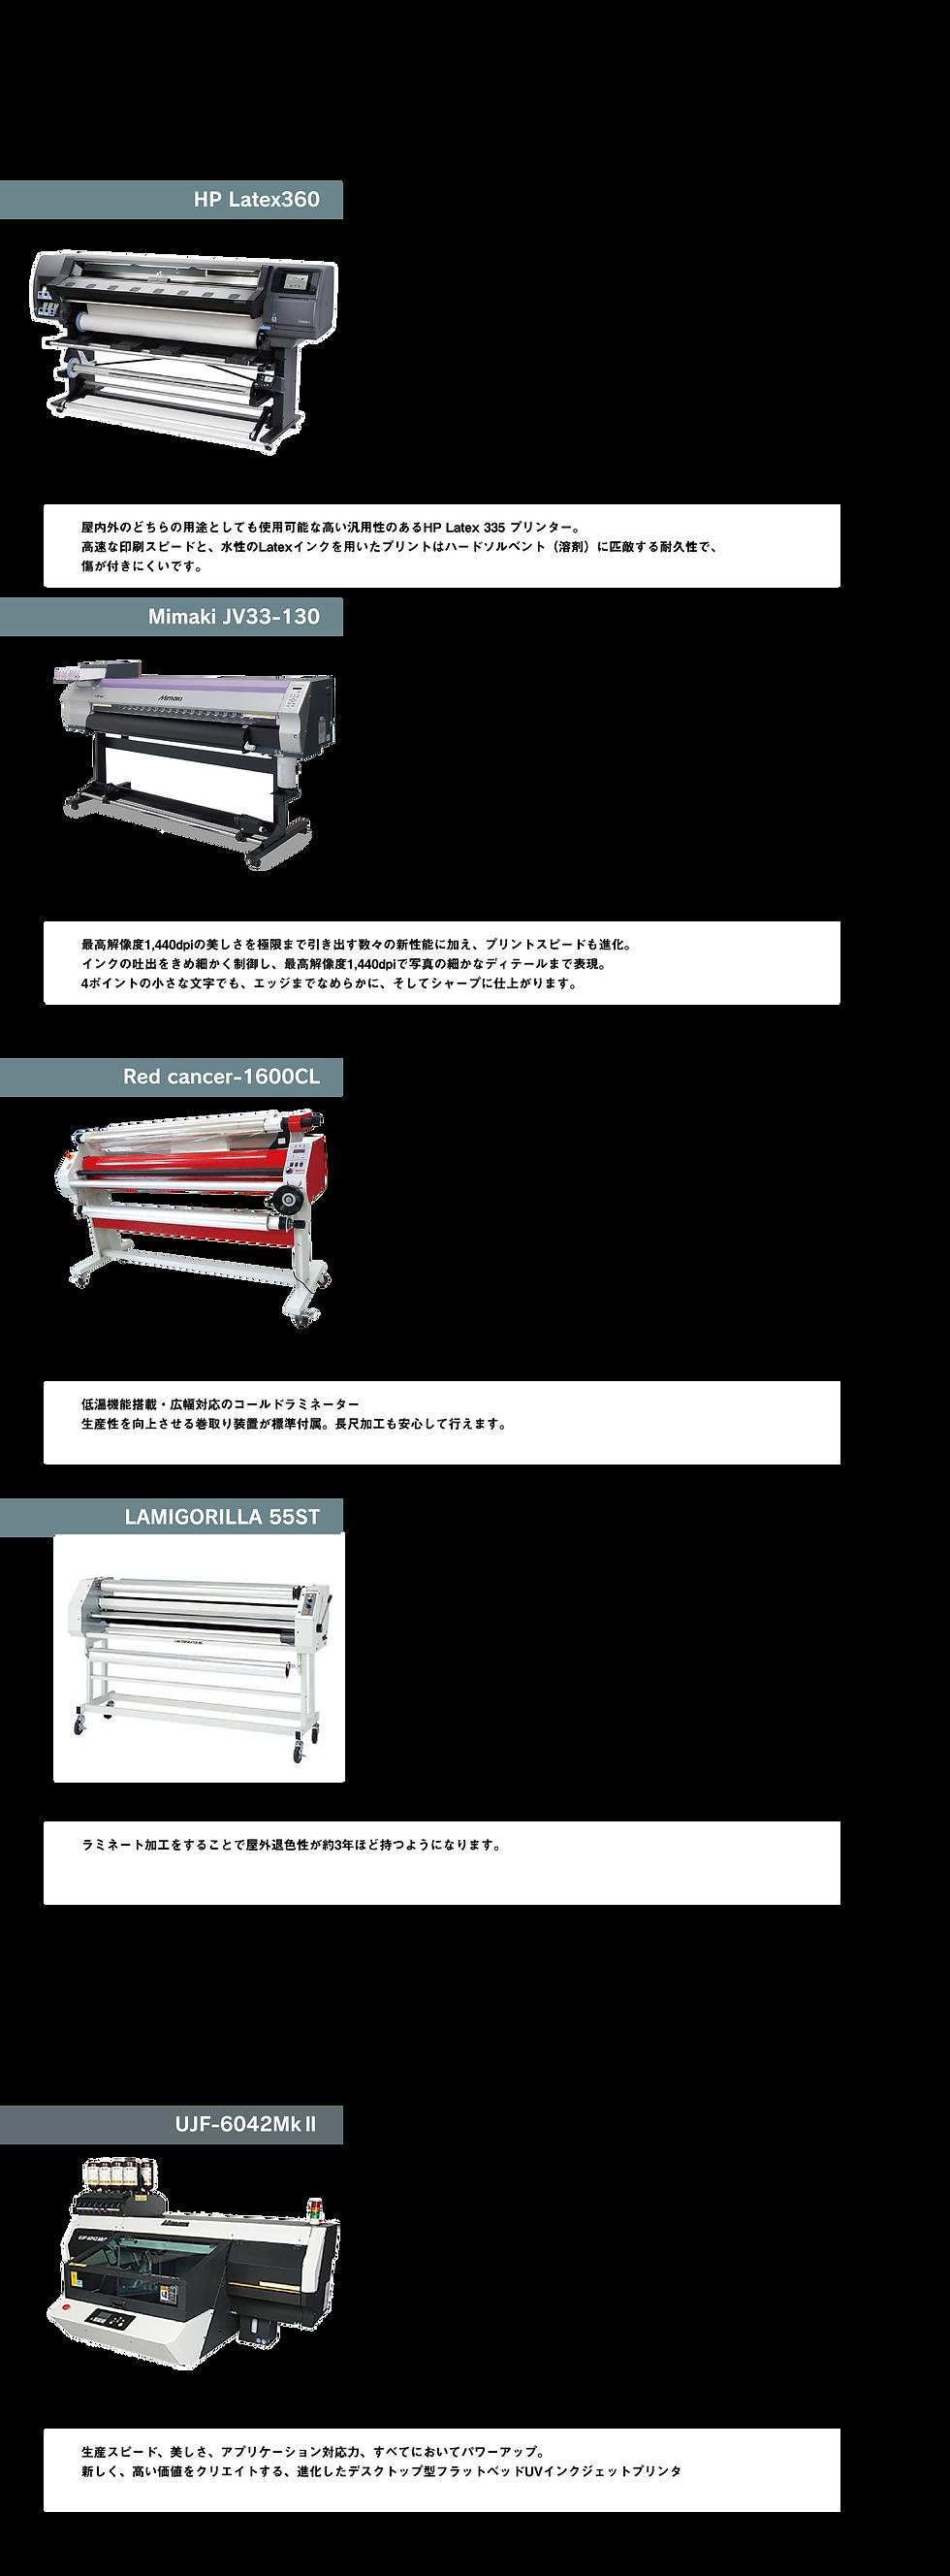 設備紹介_インクジェット-01-01.png